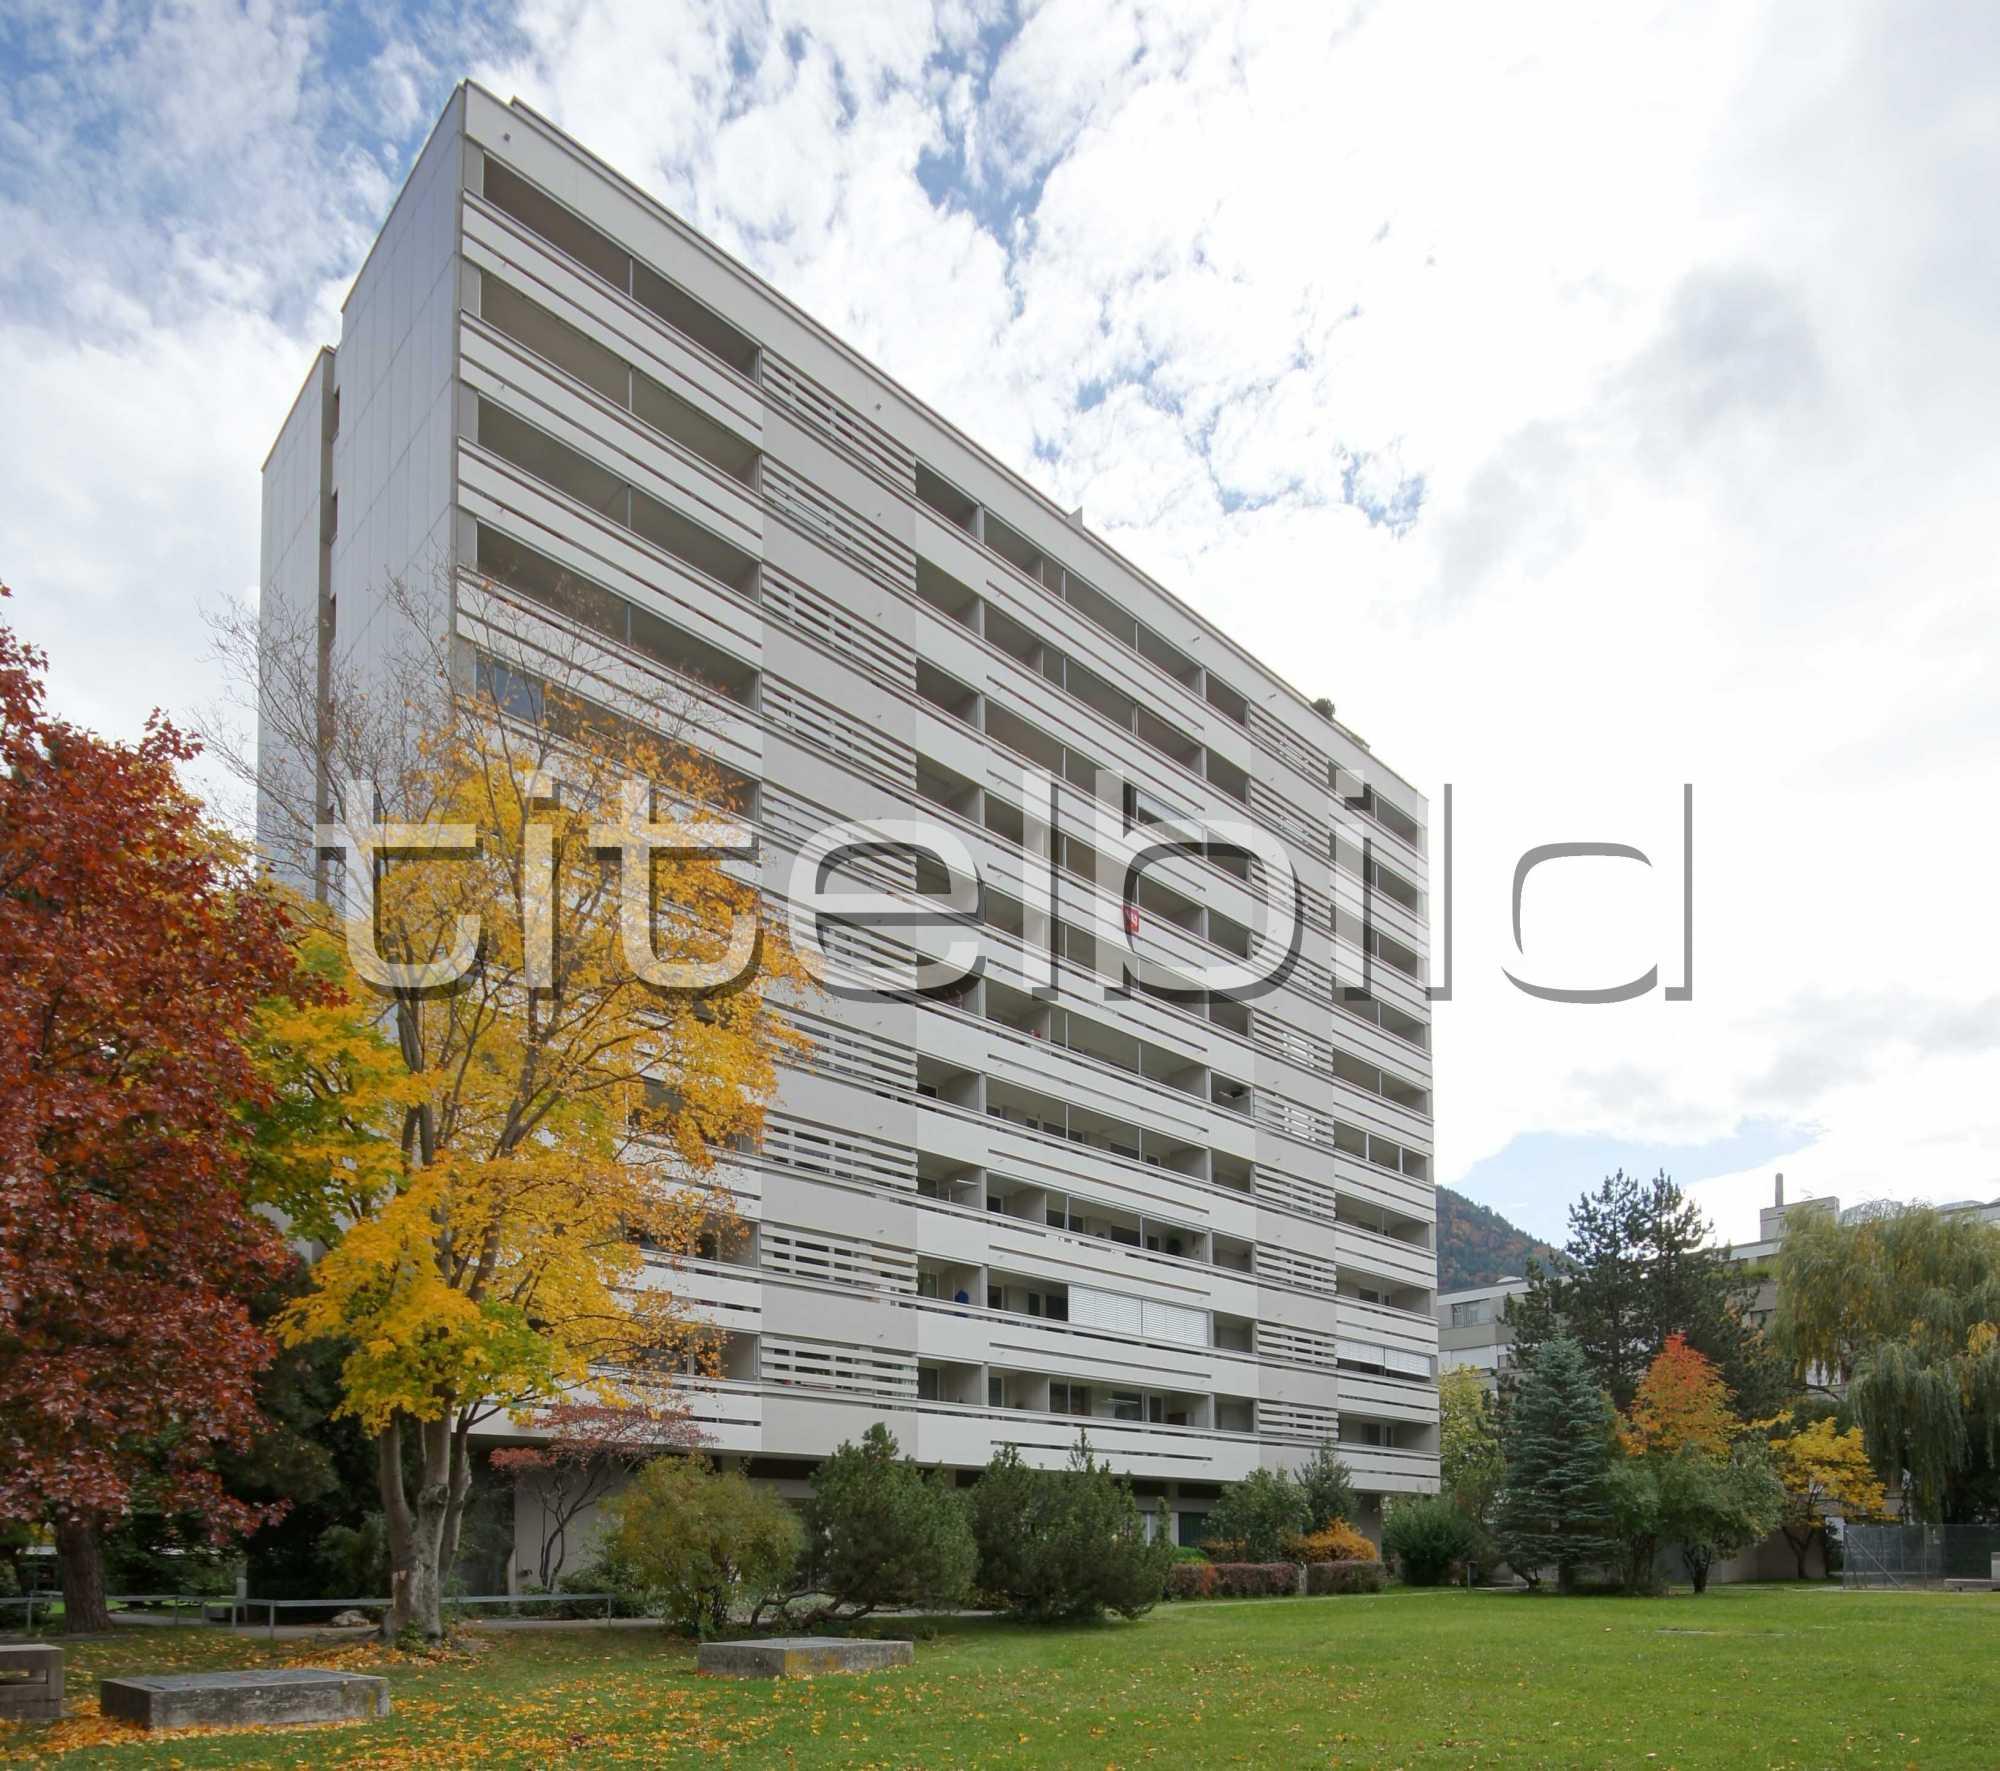 Bilder Von Gebäuden Aus Der Region: Graubünden